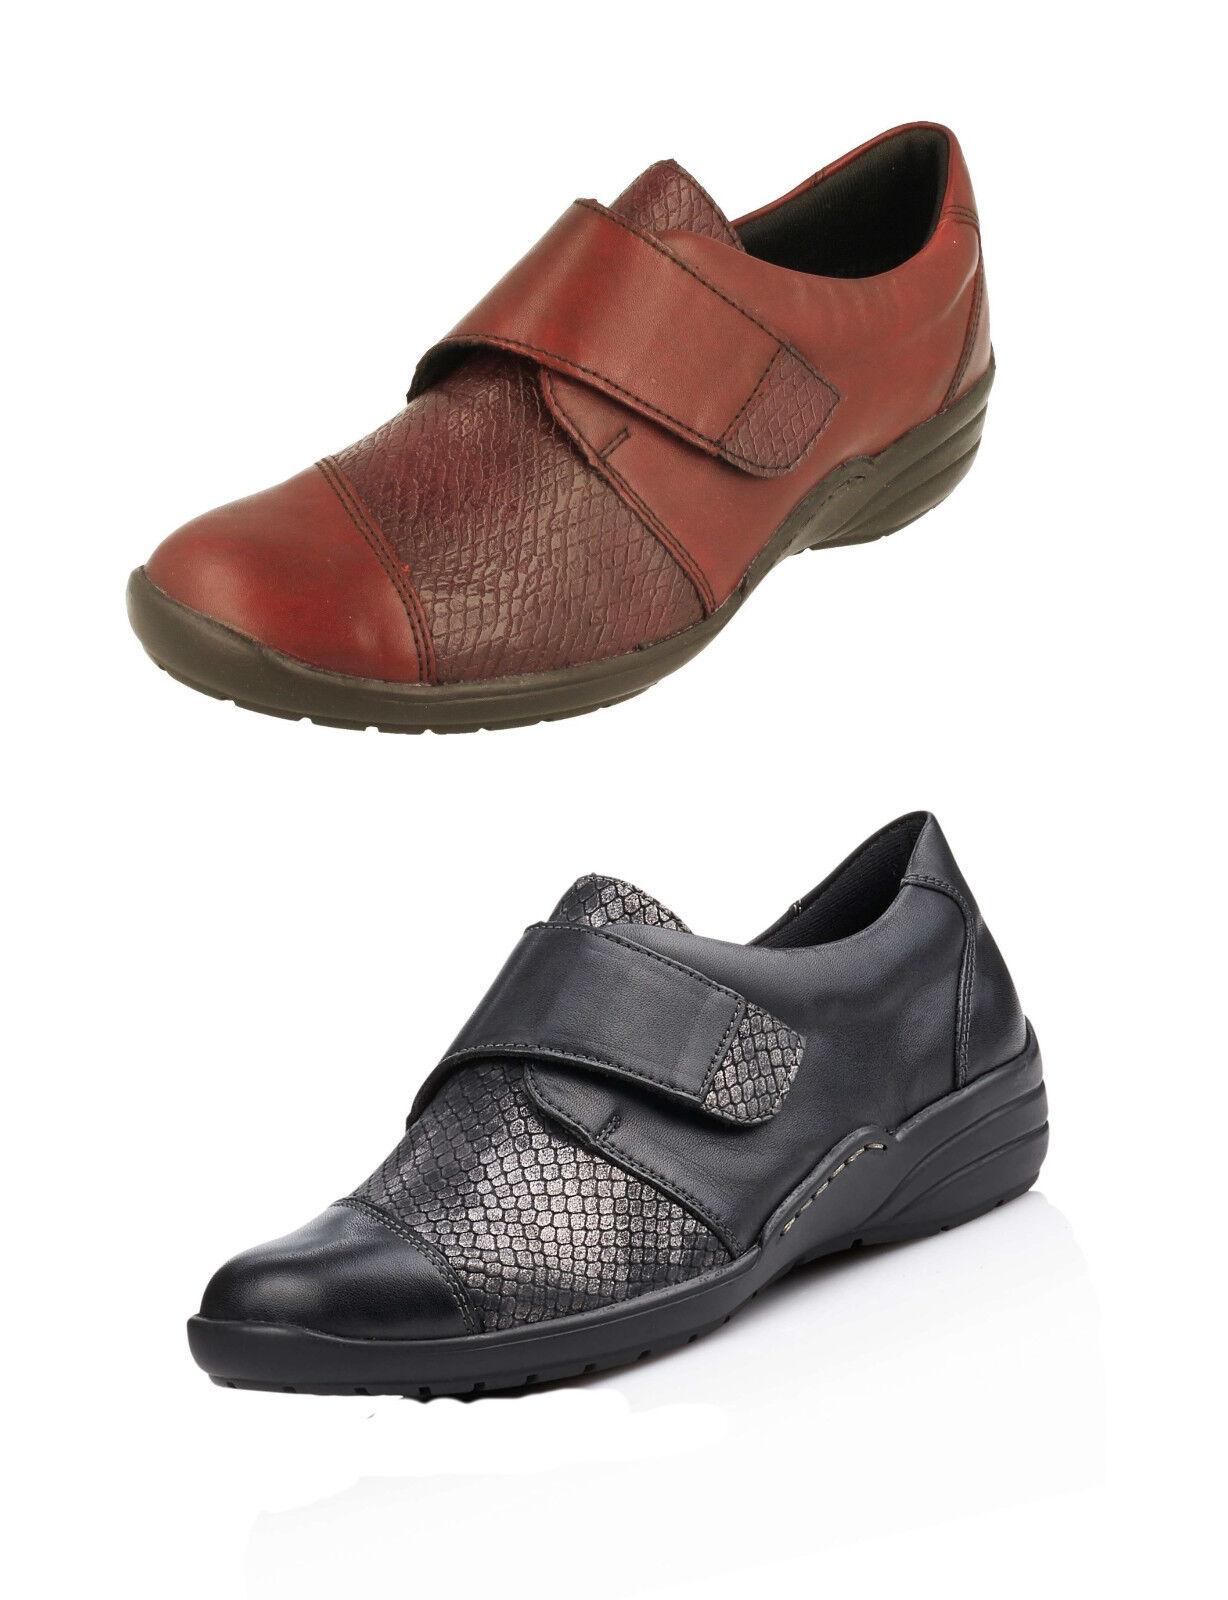 Remonte R7628 R7628 R7628 Informal de Mujer Zapato Bajo  comprar mejor